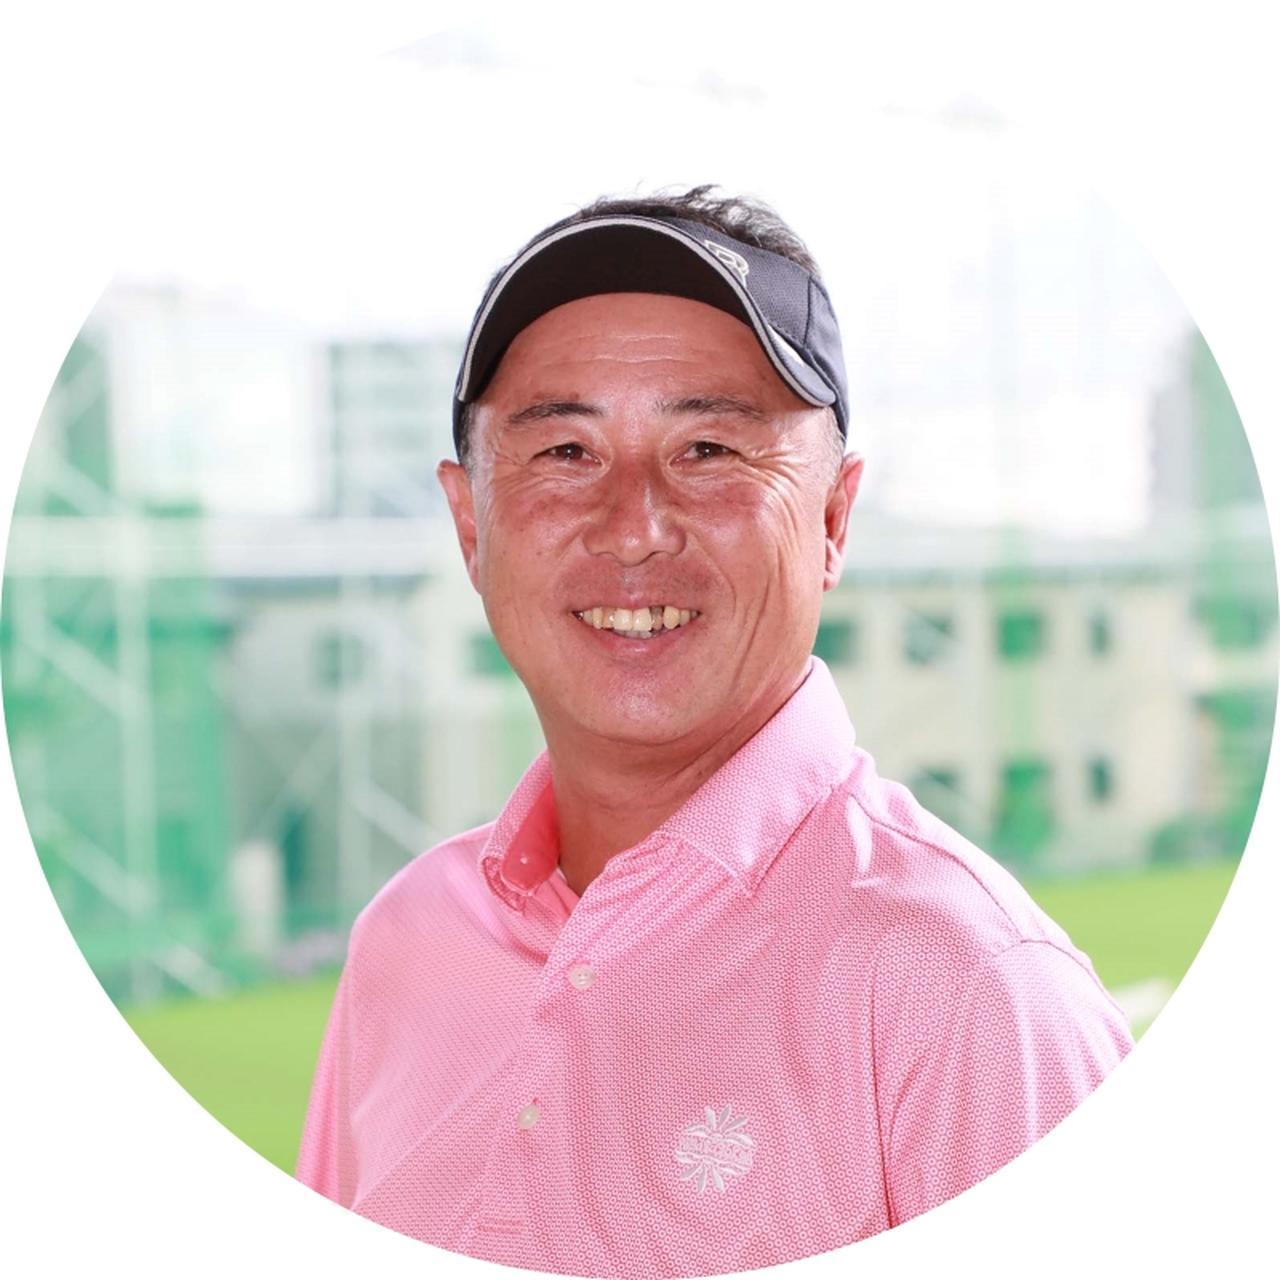 画像: 【解説】北野正之プロ 女子プロやアマチュアの指導経験が豊富。伸び悩むゴルファーに気づきを与える指導が得意。松原ゴルフアカデミー所属